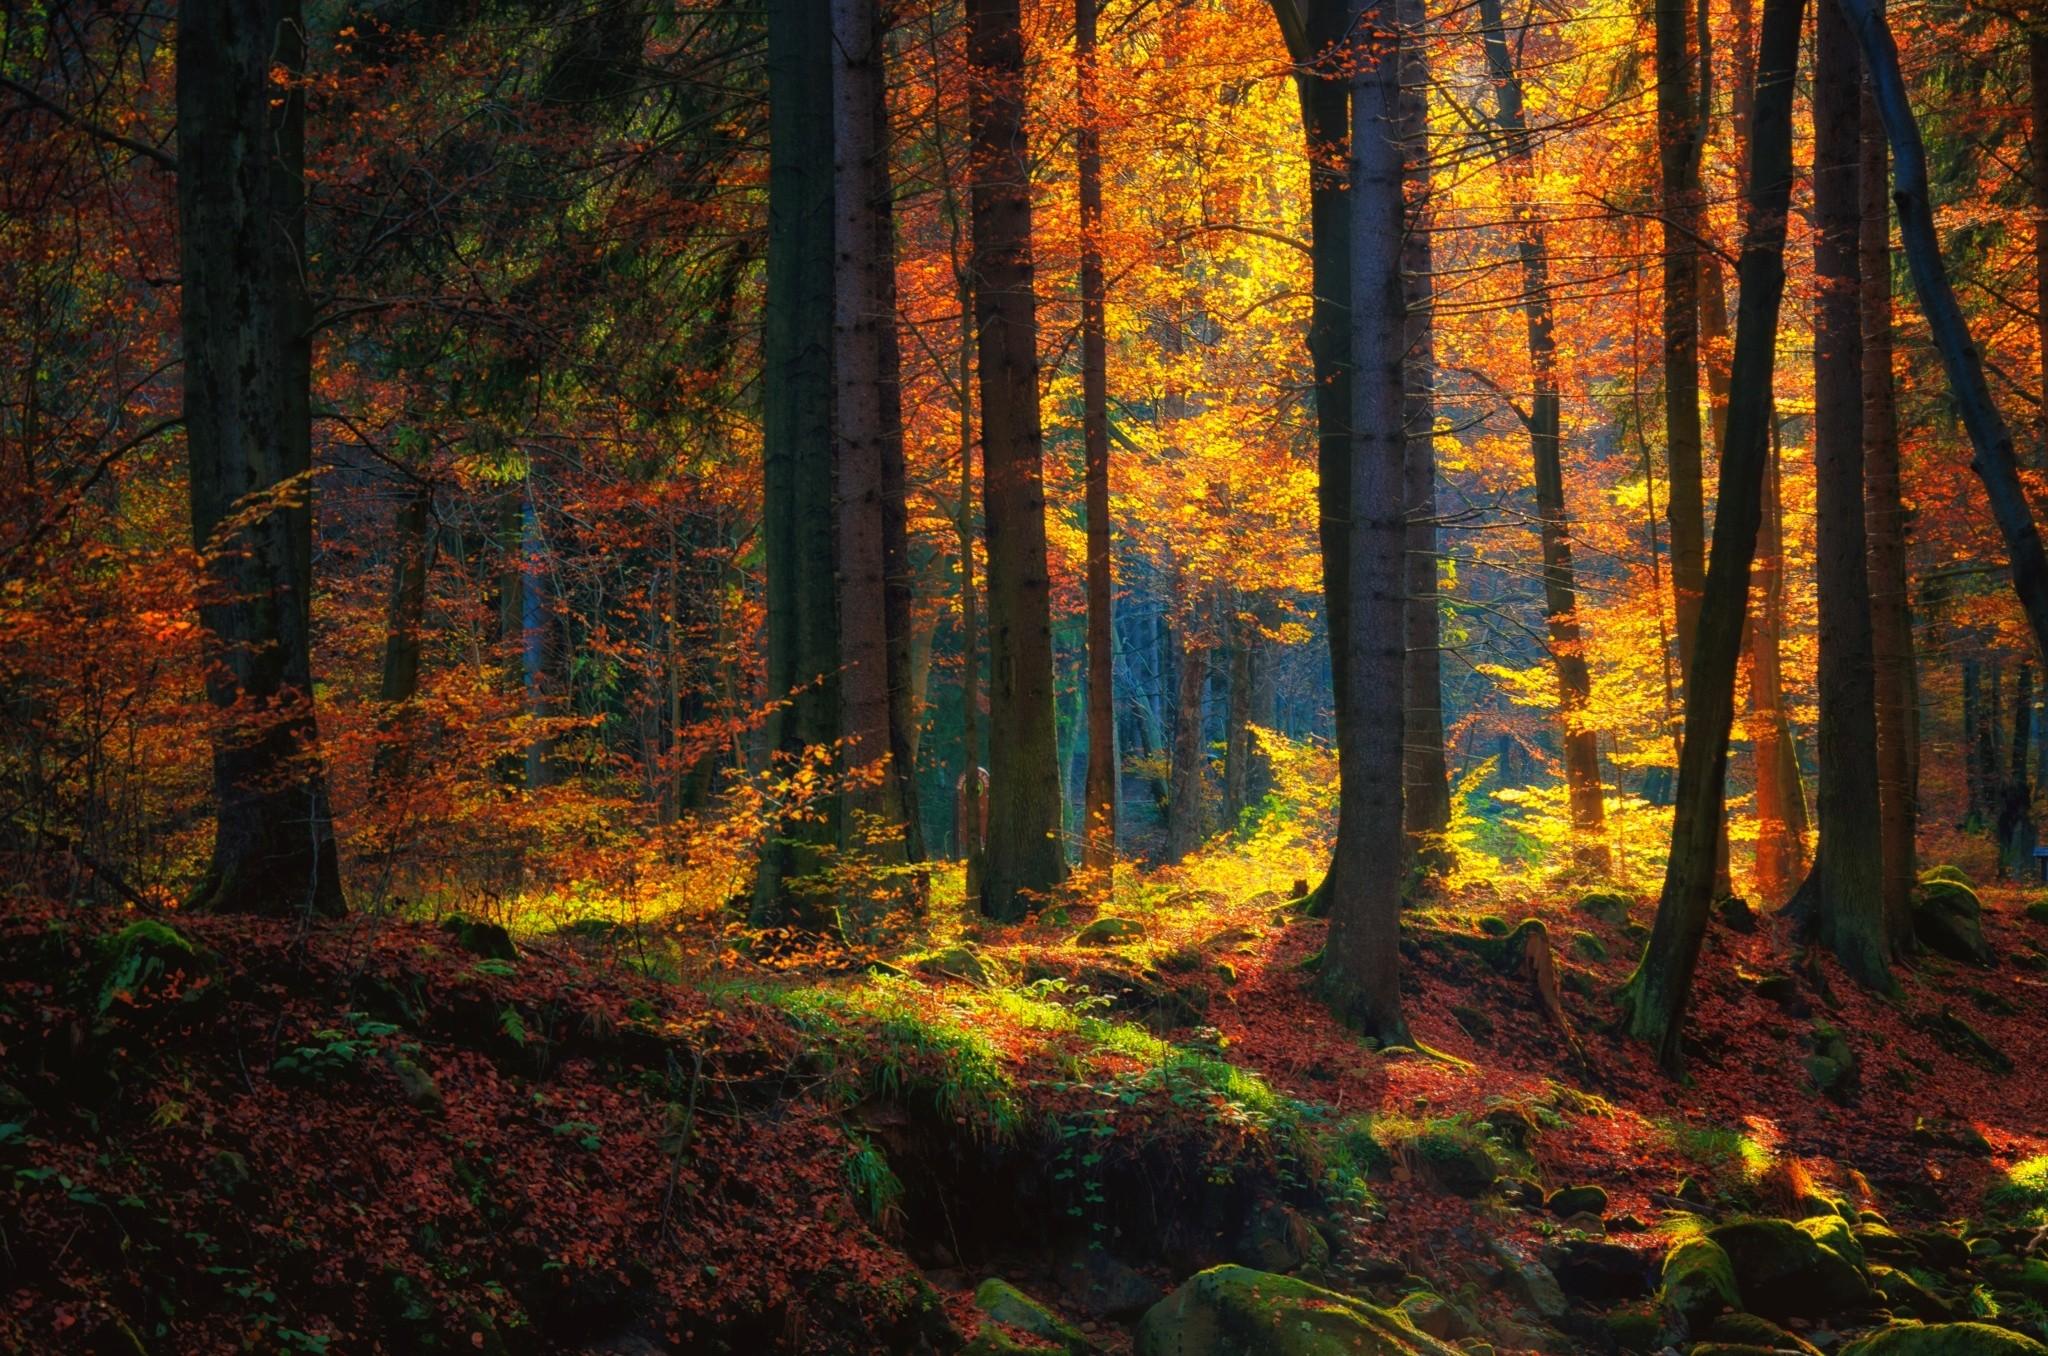 фото природа осеннего леса получили урон